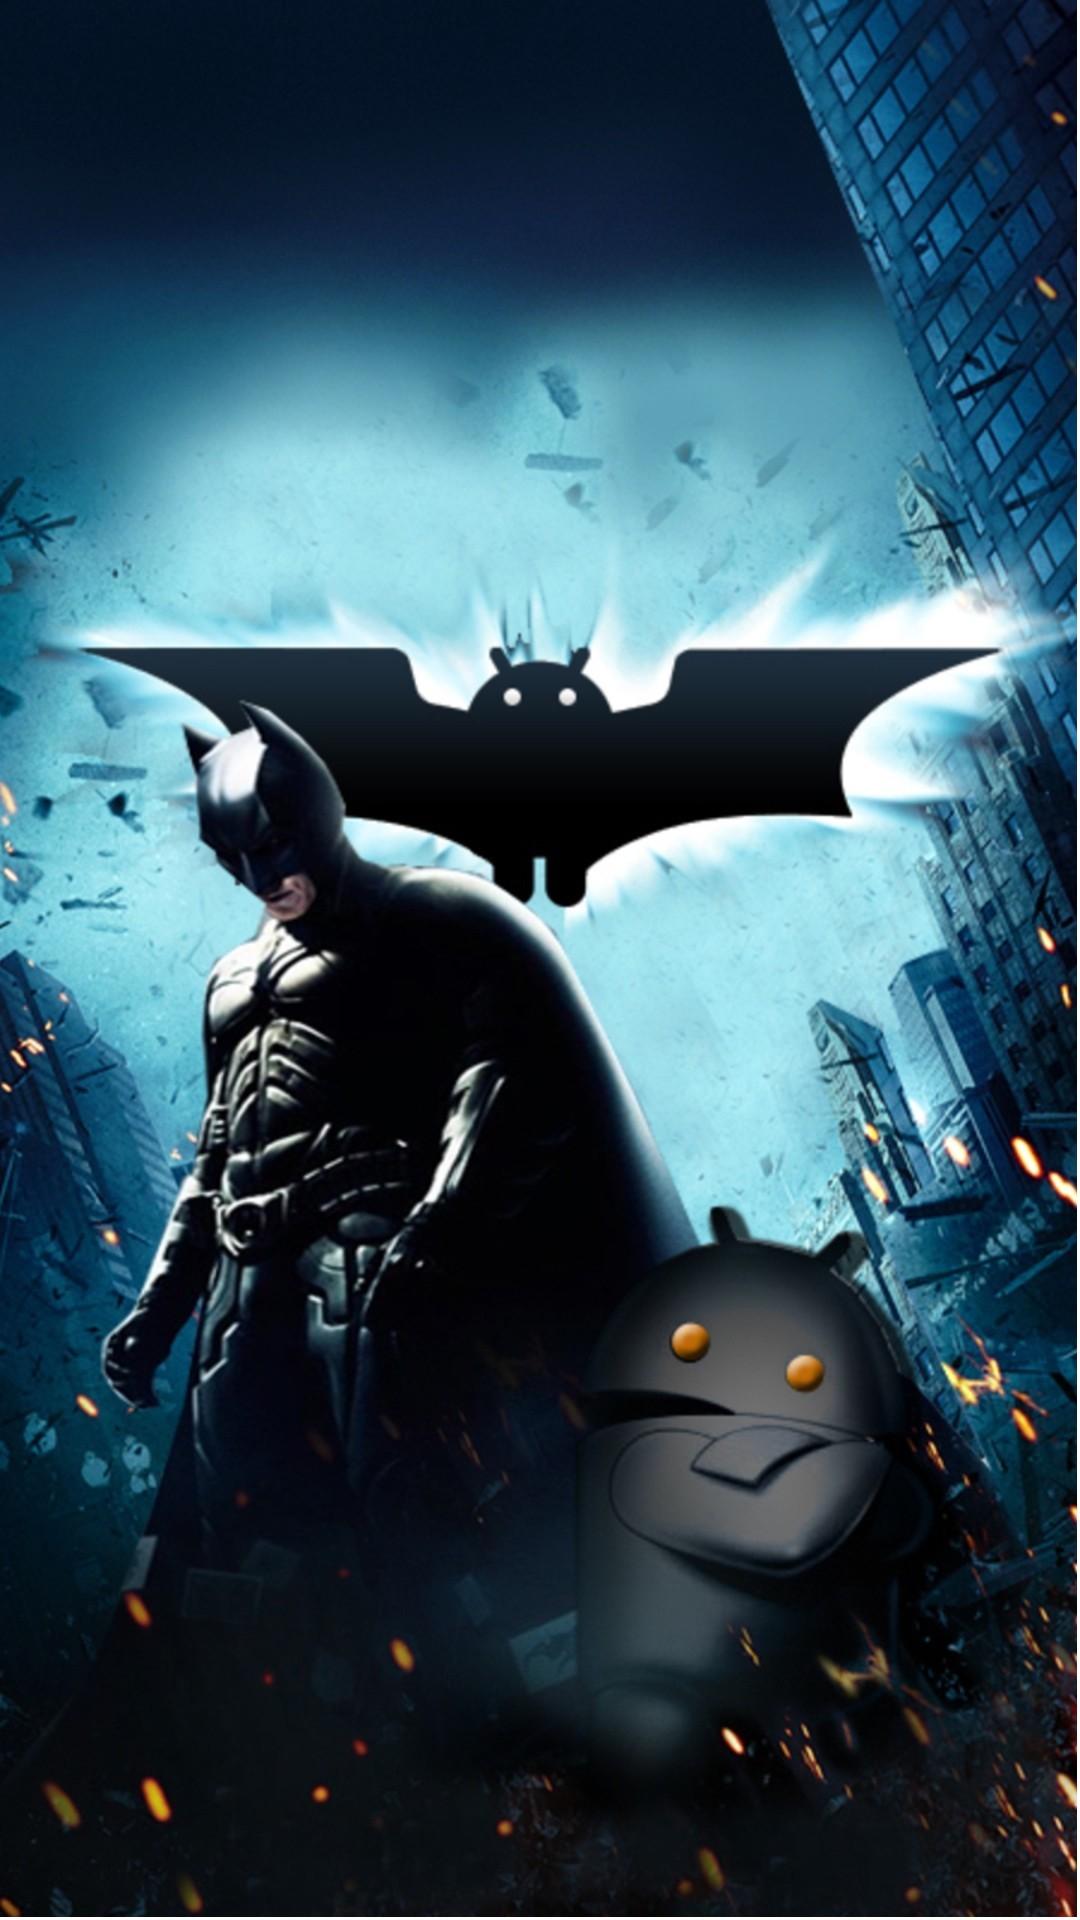 Batman Phone Wallpaper - WallpaperSafari